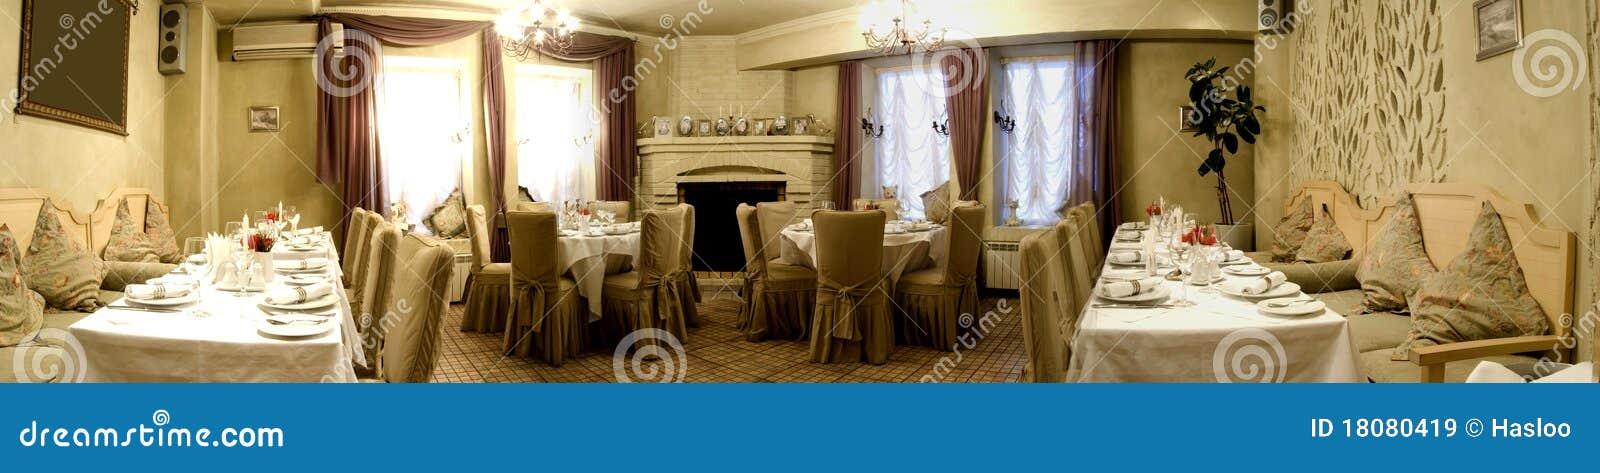 De zaal van het restaurant stock afbeelding afbeelding bestaande uit stoel 18080419 - Versiering van de zaal van het tienermeisje van ...